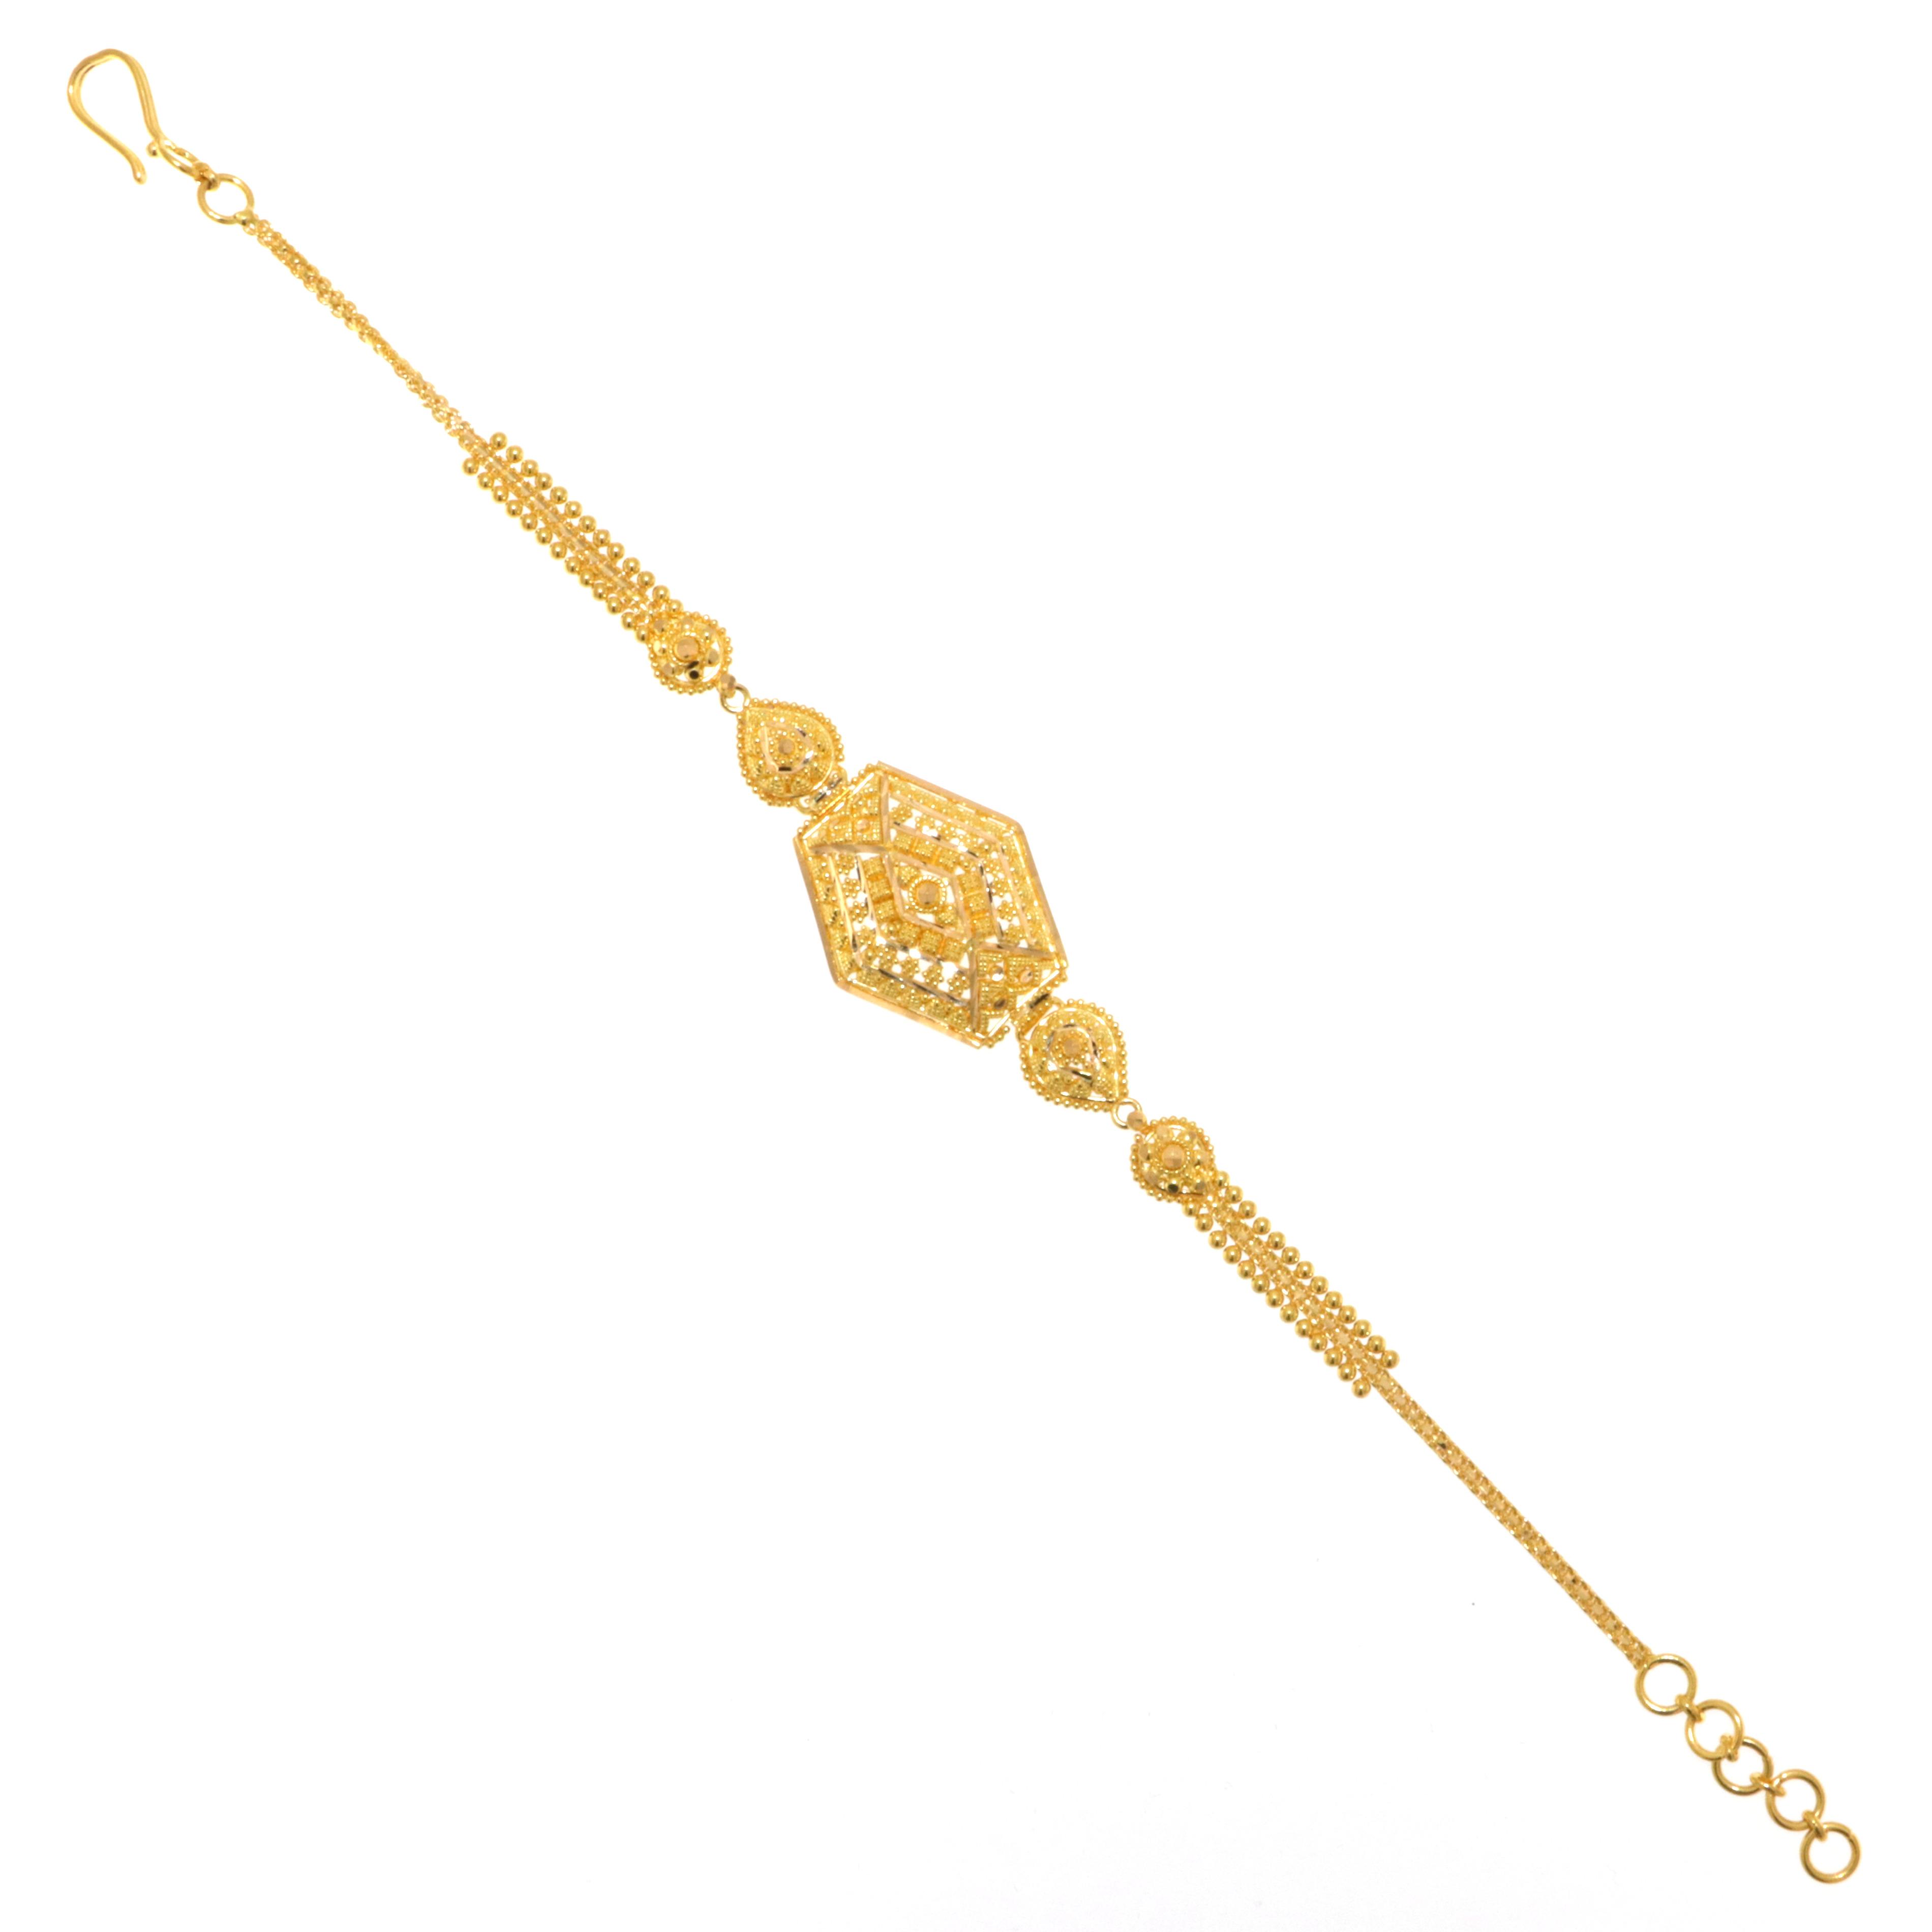 Bracelet2-3Best.Jpg